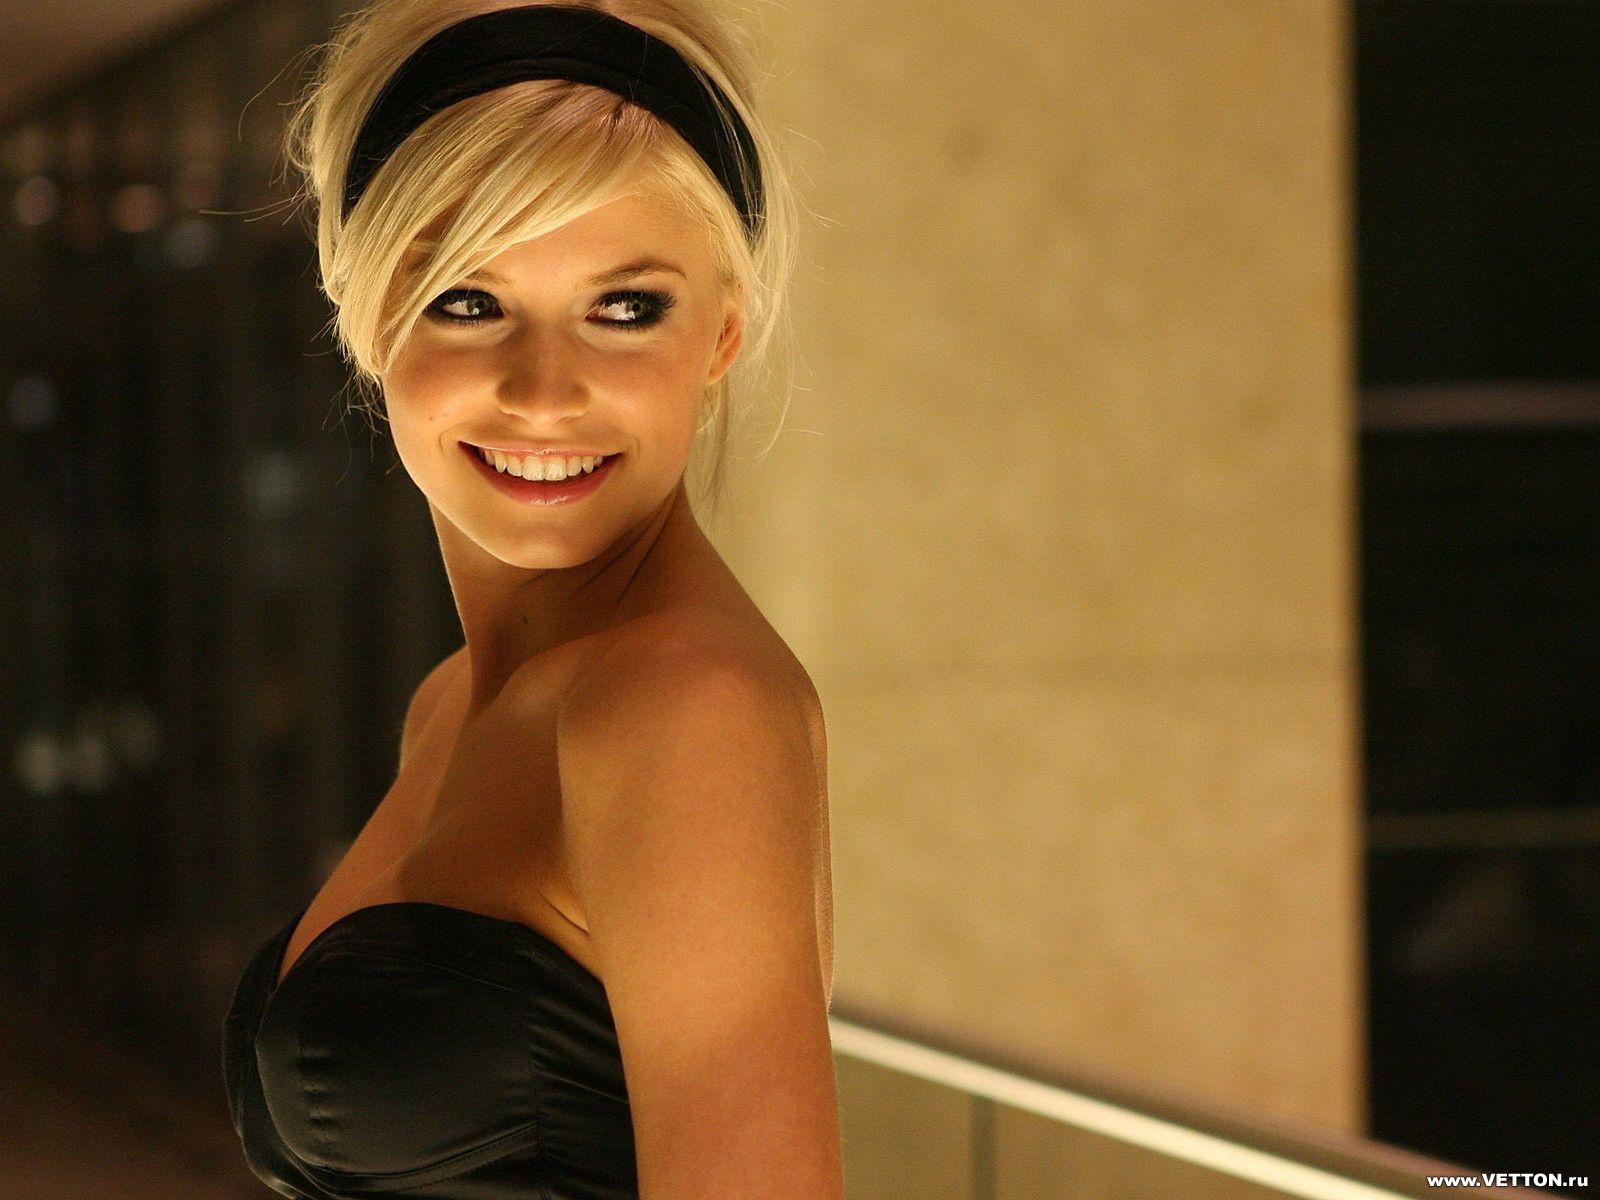 Девушка, модель, сексуальная, обнаженная, красивая фото.